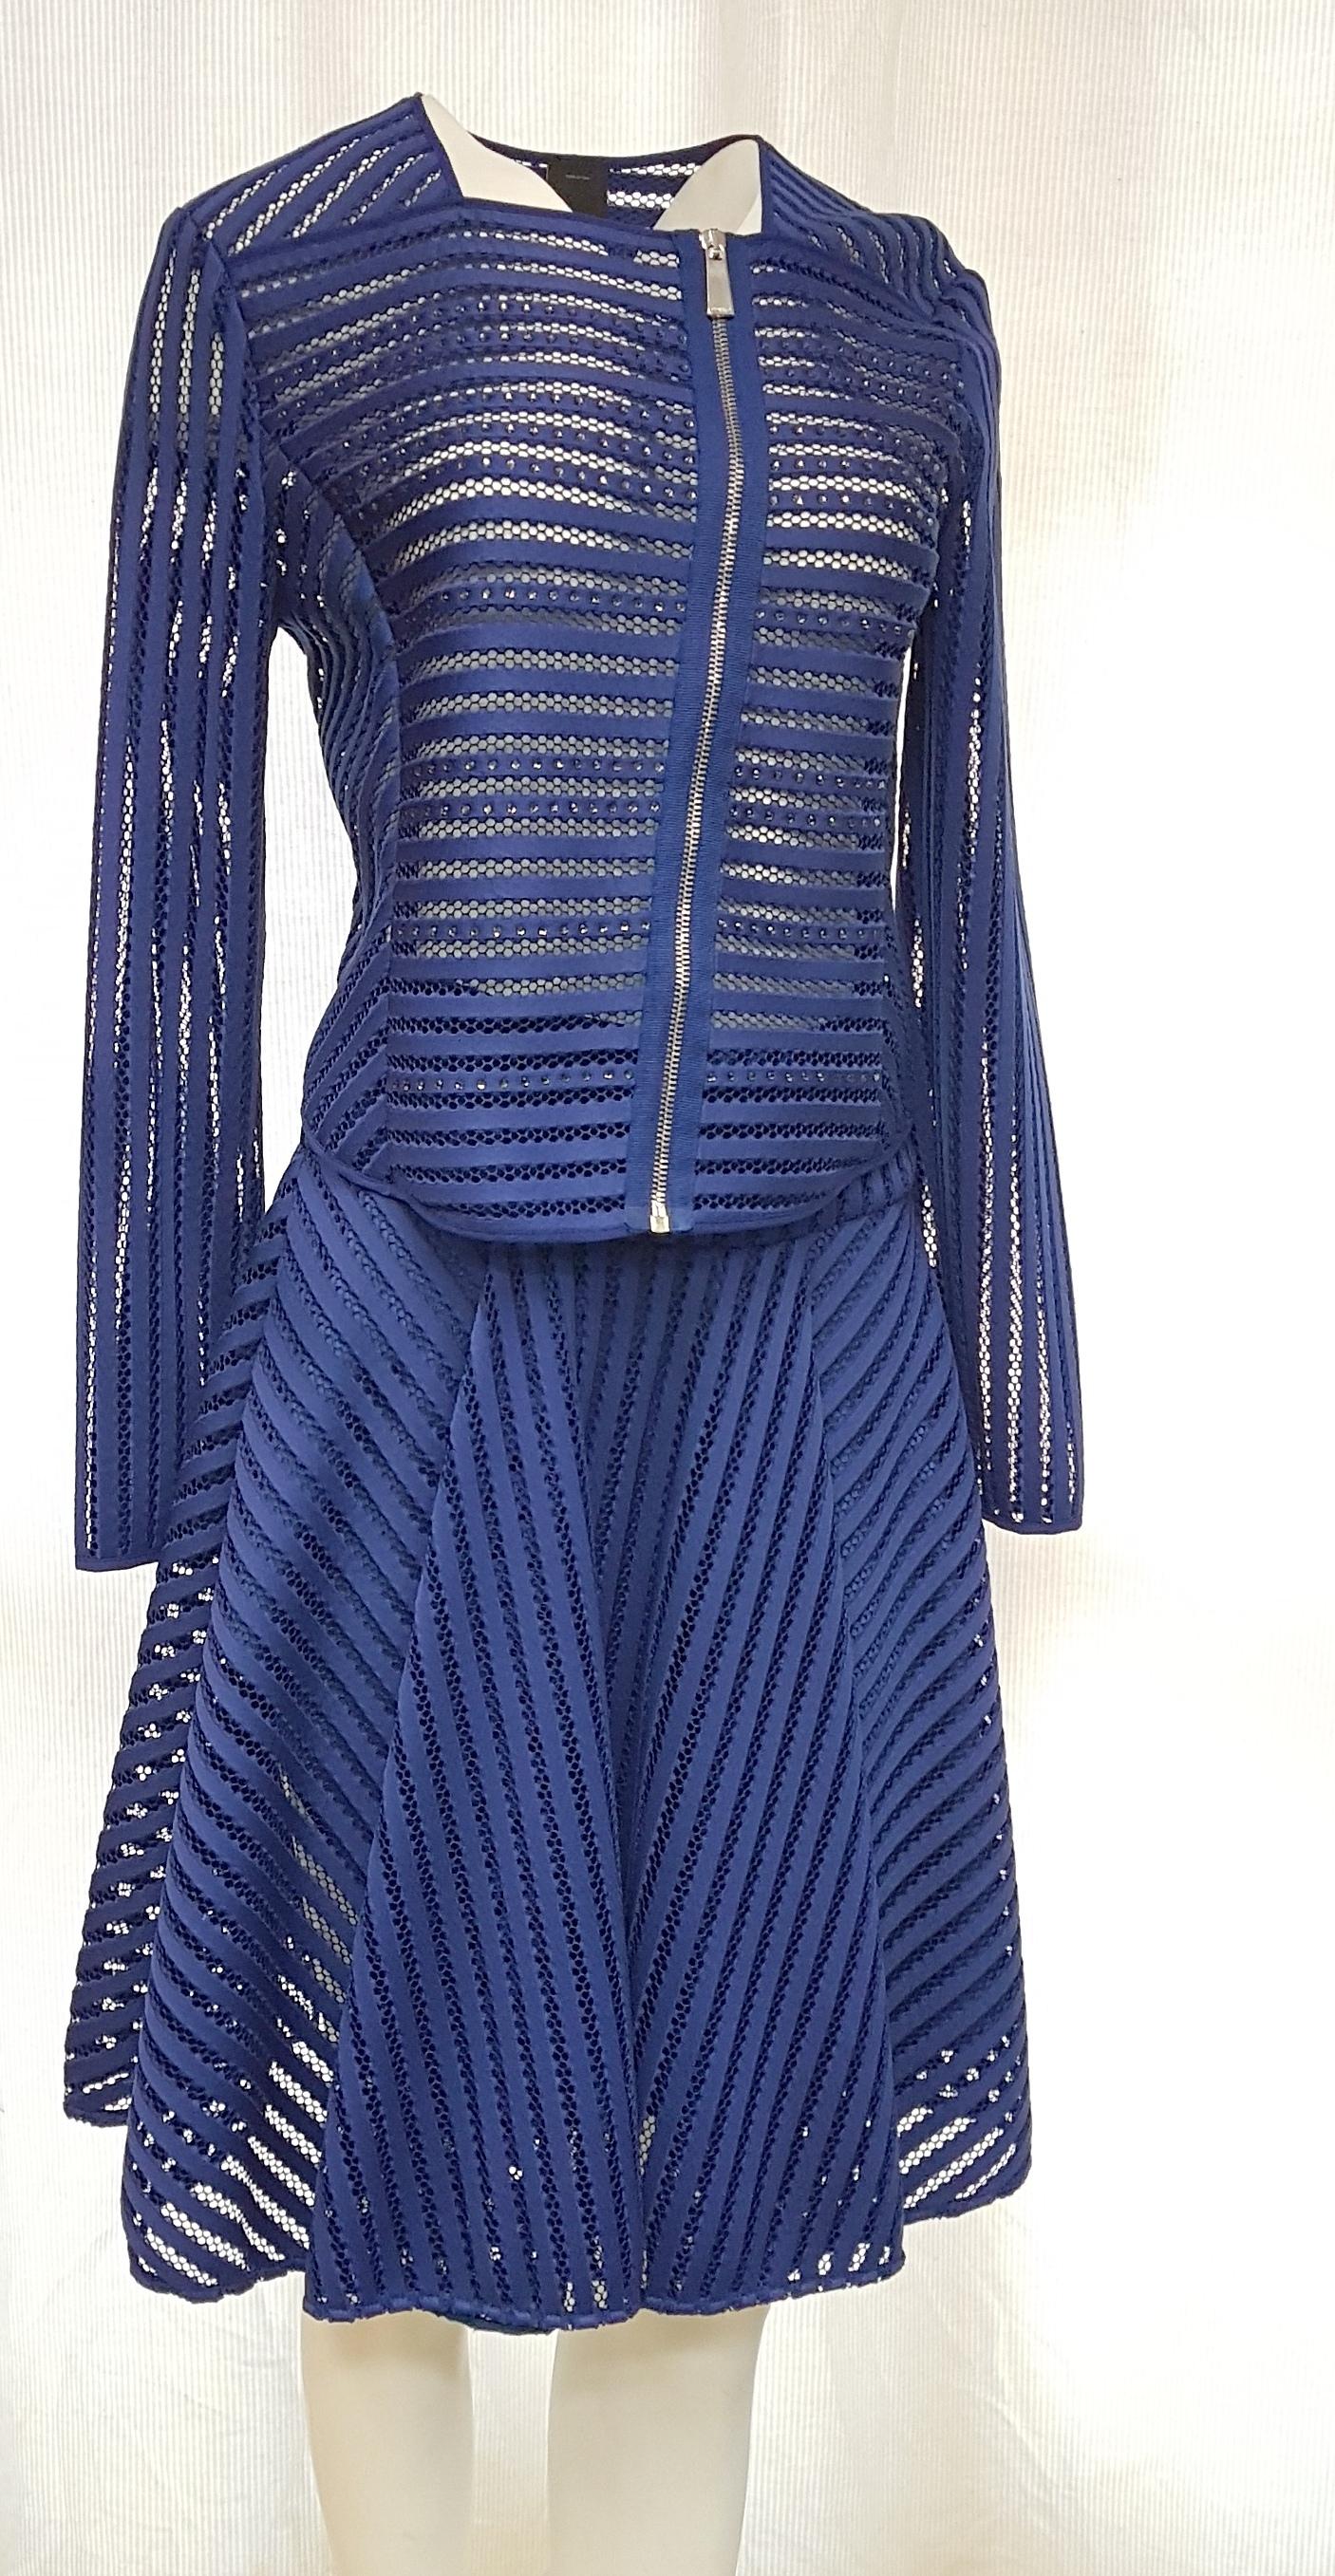 88e559e31ce Лот 409. Женская фирменная одежда. — ООО